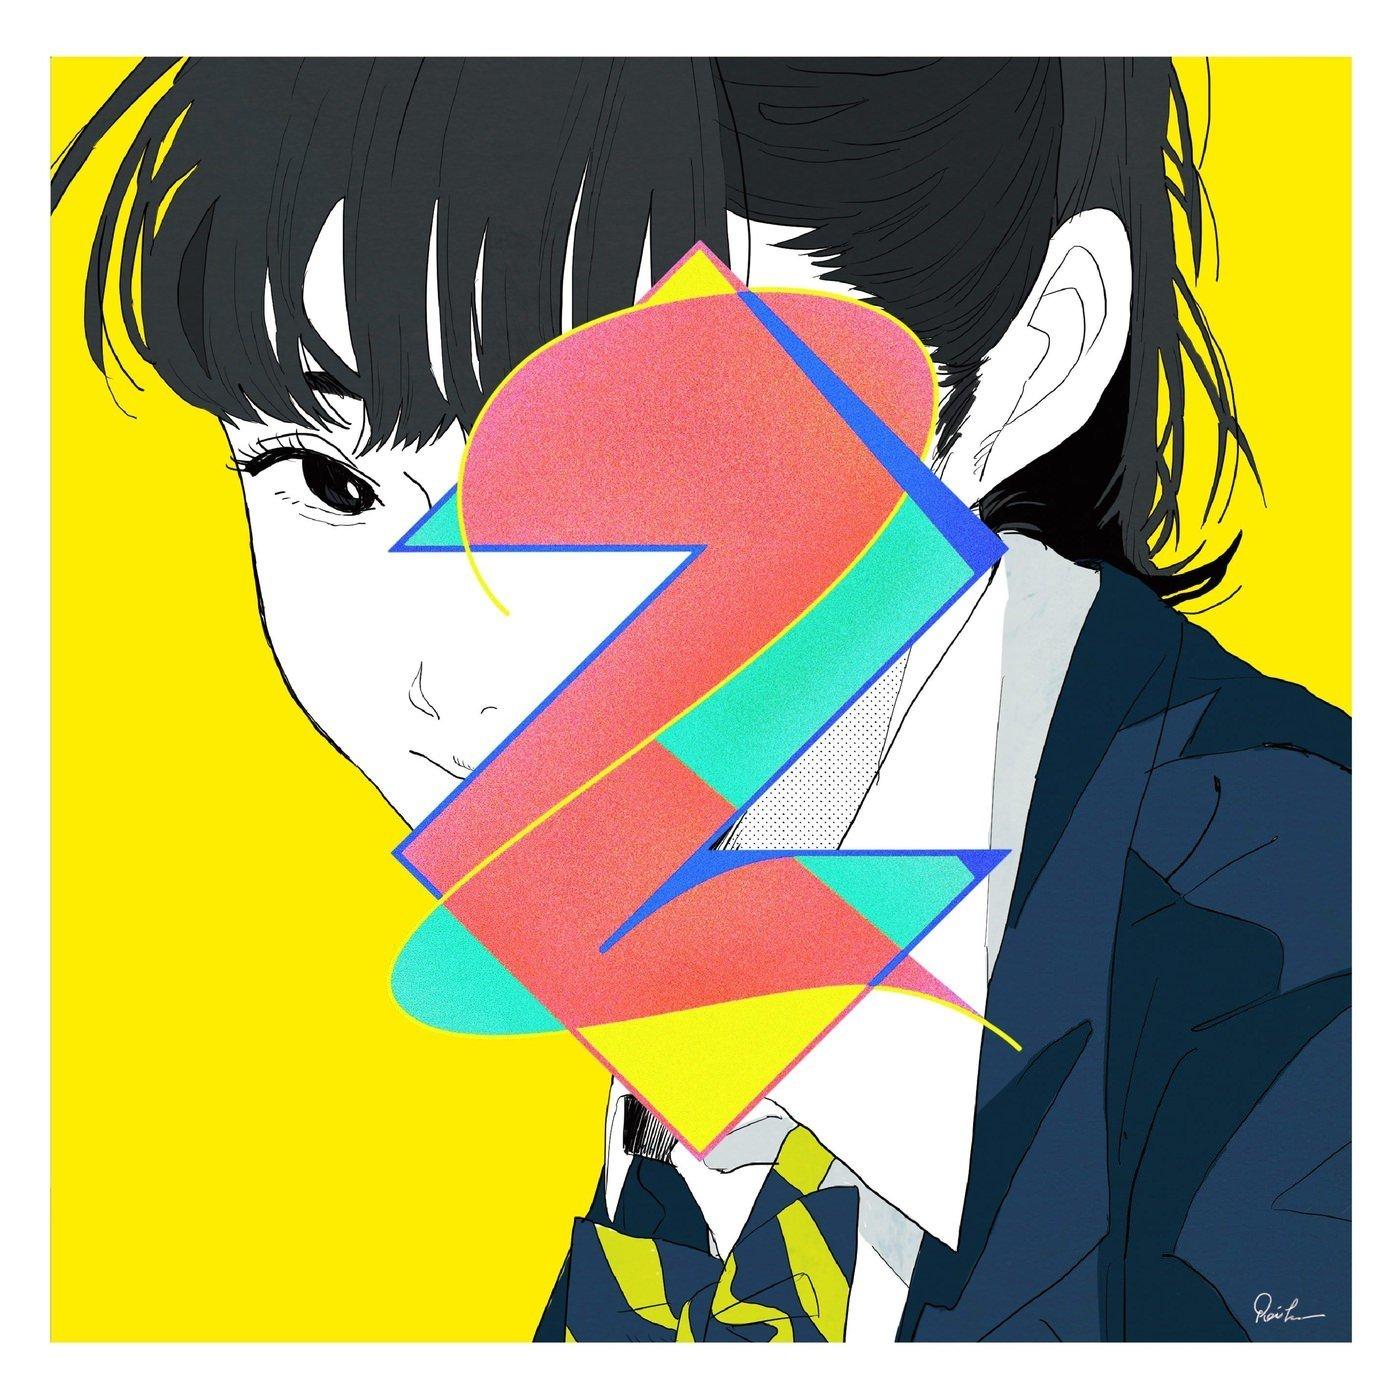 [音楽 – Album] CIDERGIRL (サイダーガール) – SODA POP FANCLUB 2 [FLAC / 24bit Lossless / WEB] [2018.11.28]